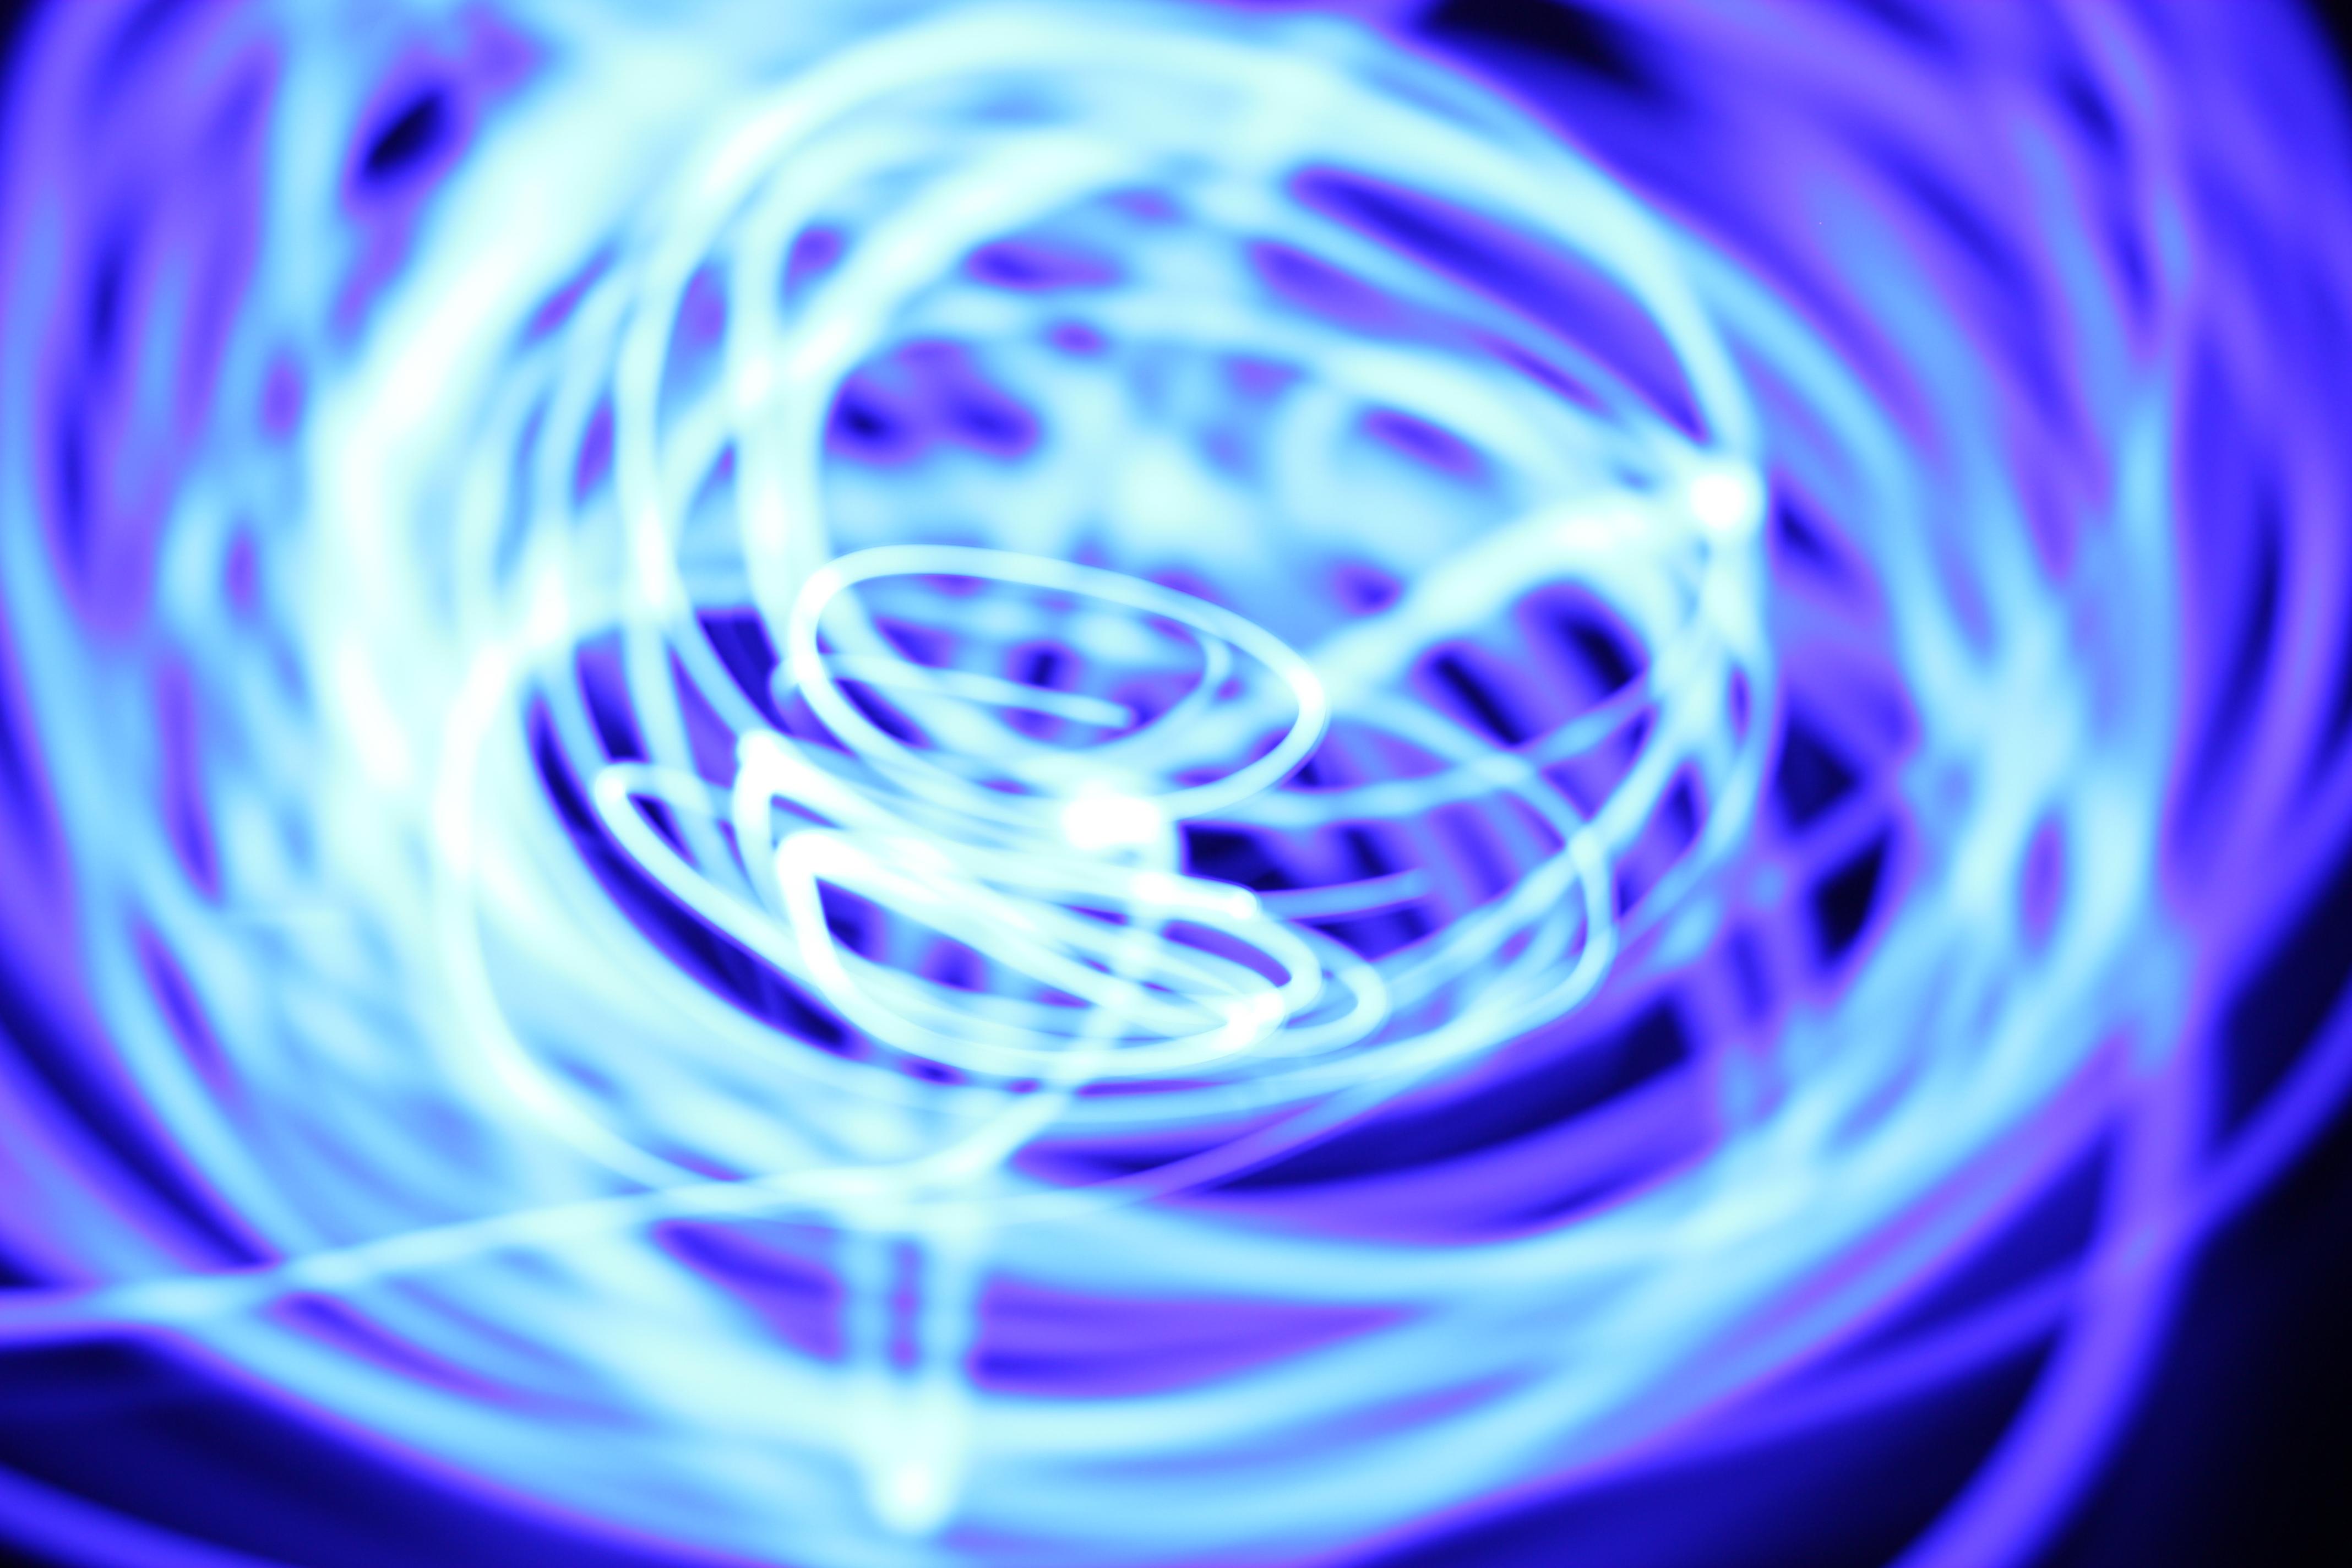 fileblue swirl 2480827036jpg